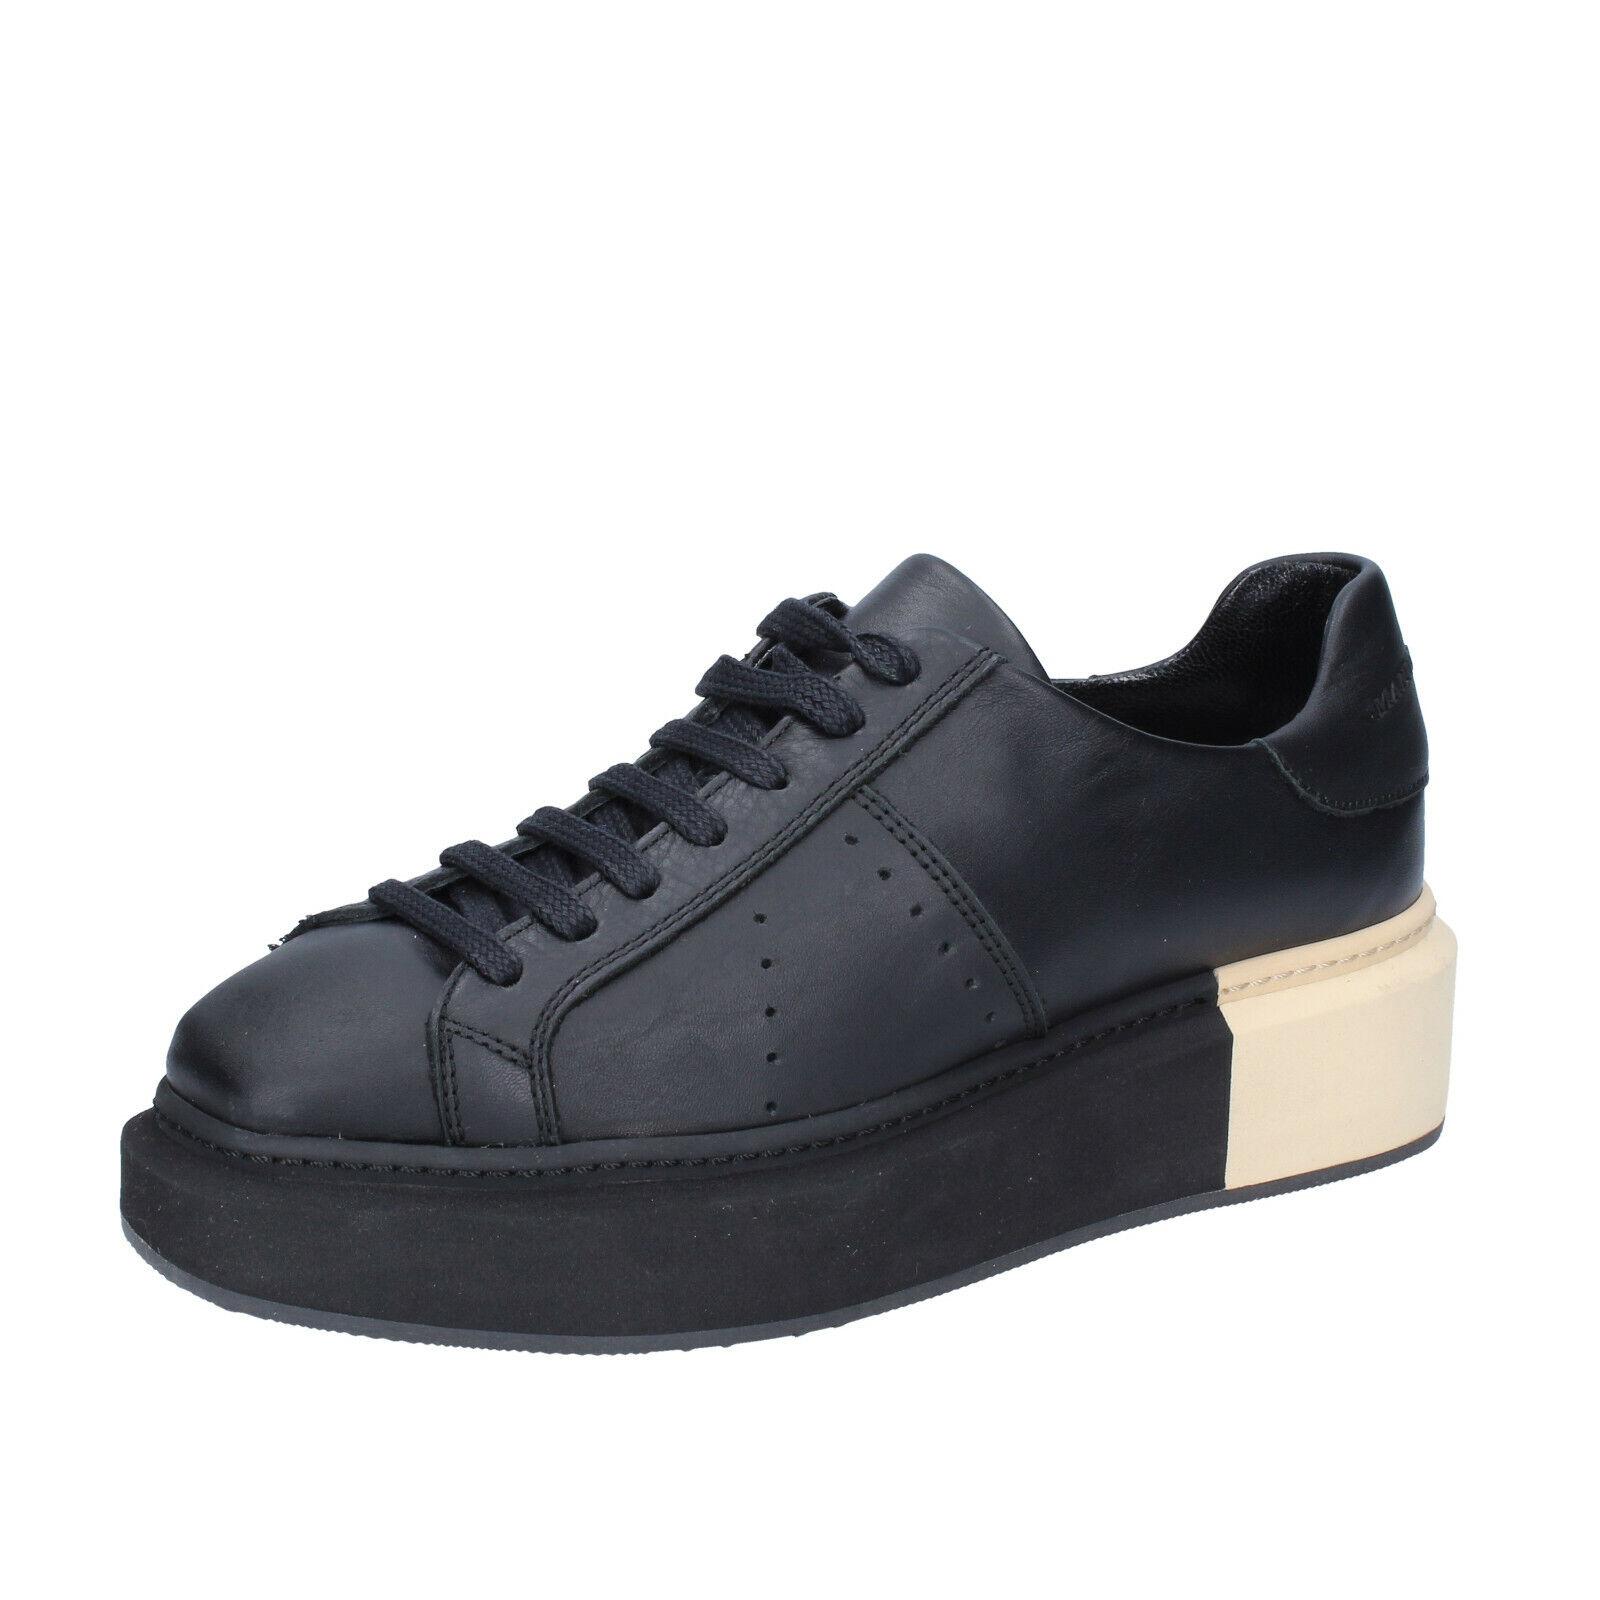 Zapatos para mujer Manuel Barcelo 7 () Zapatillas De Cuero Negro BS328-40